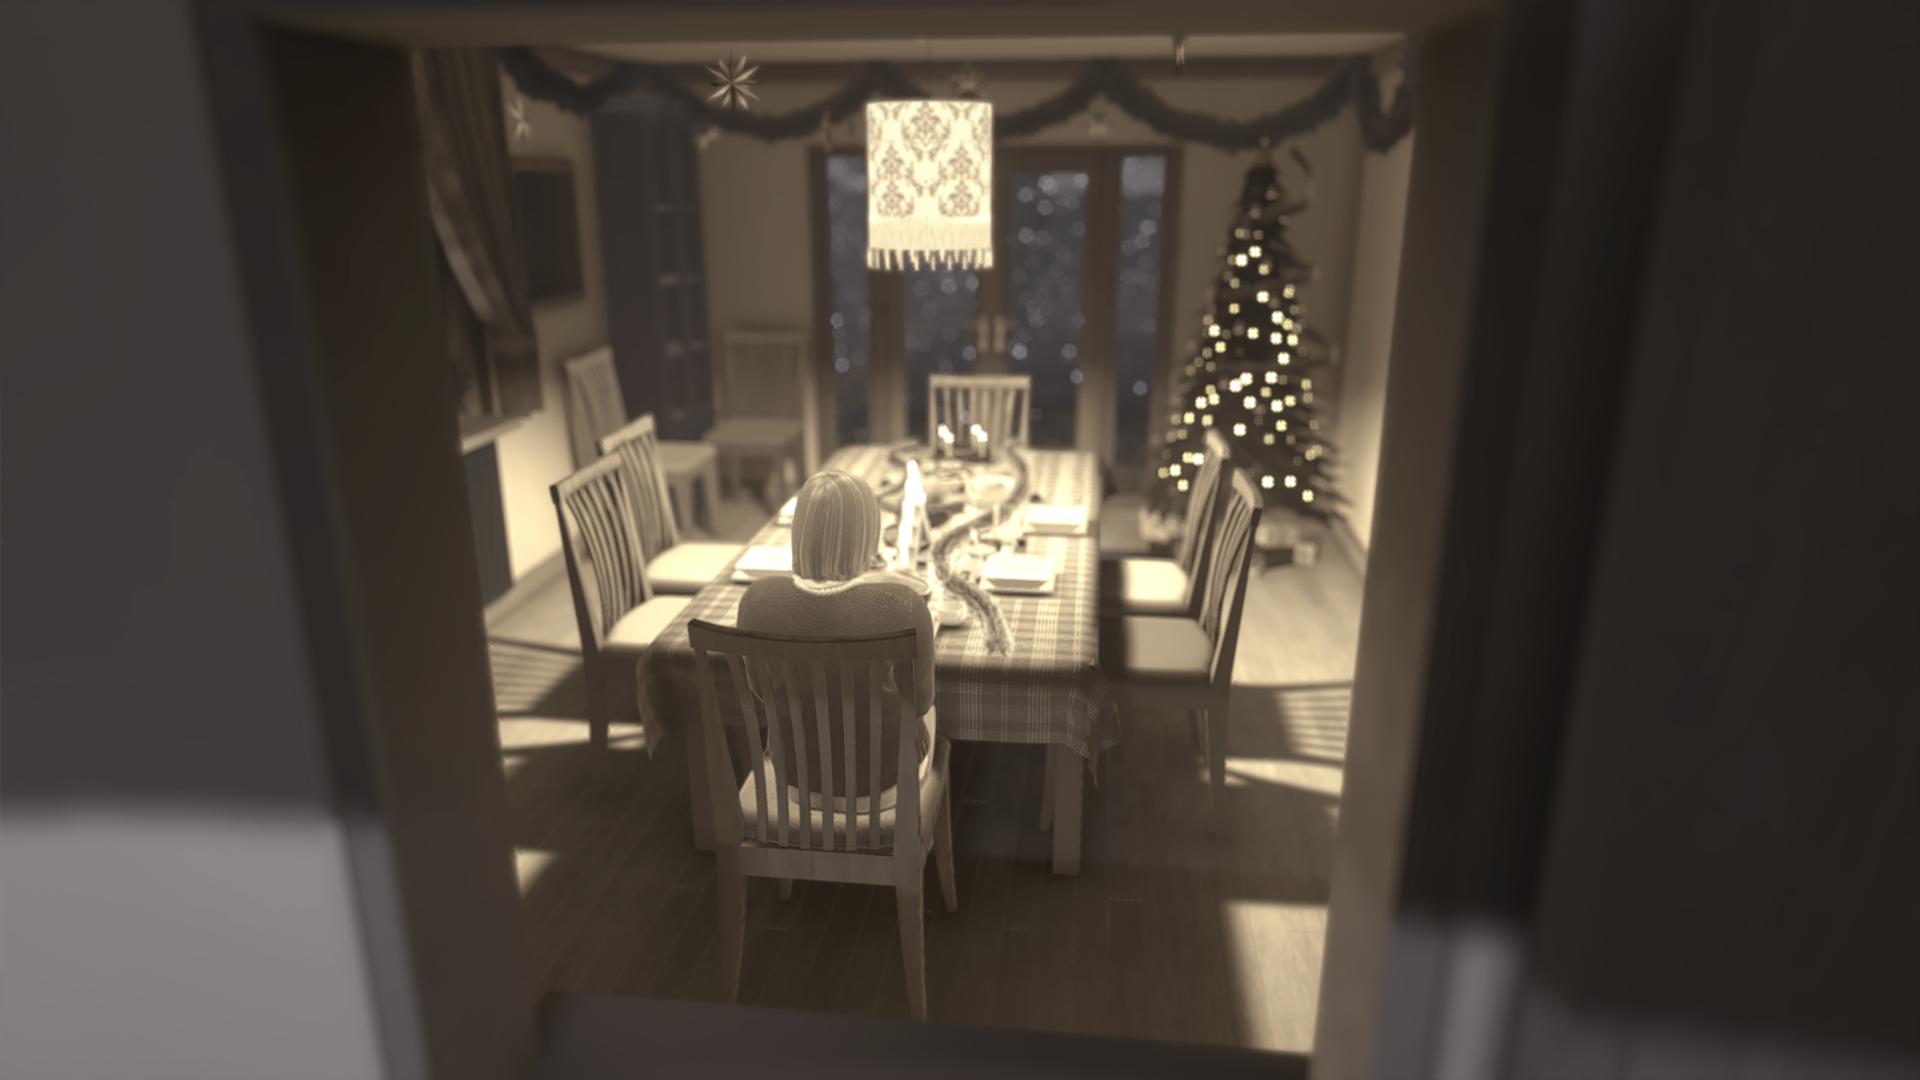 Weihnachten muss nun leider ohne Will gefeiert werden.